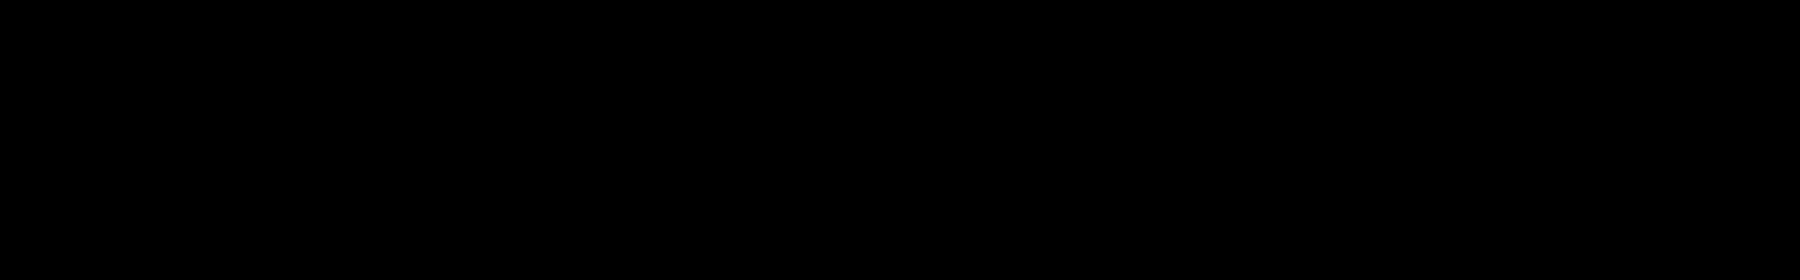 Junktion audio waveform